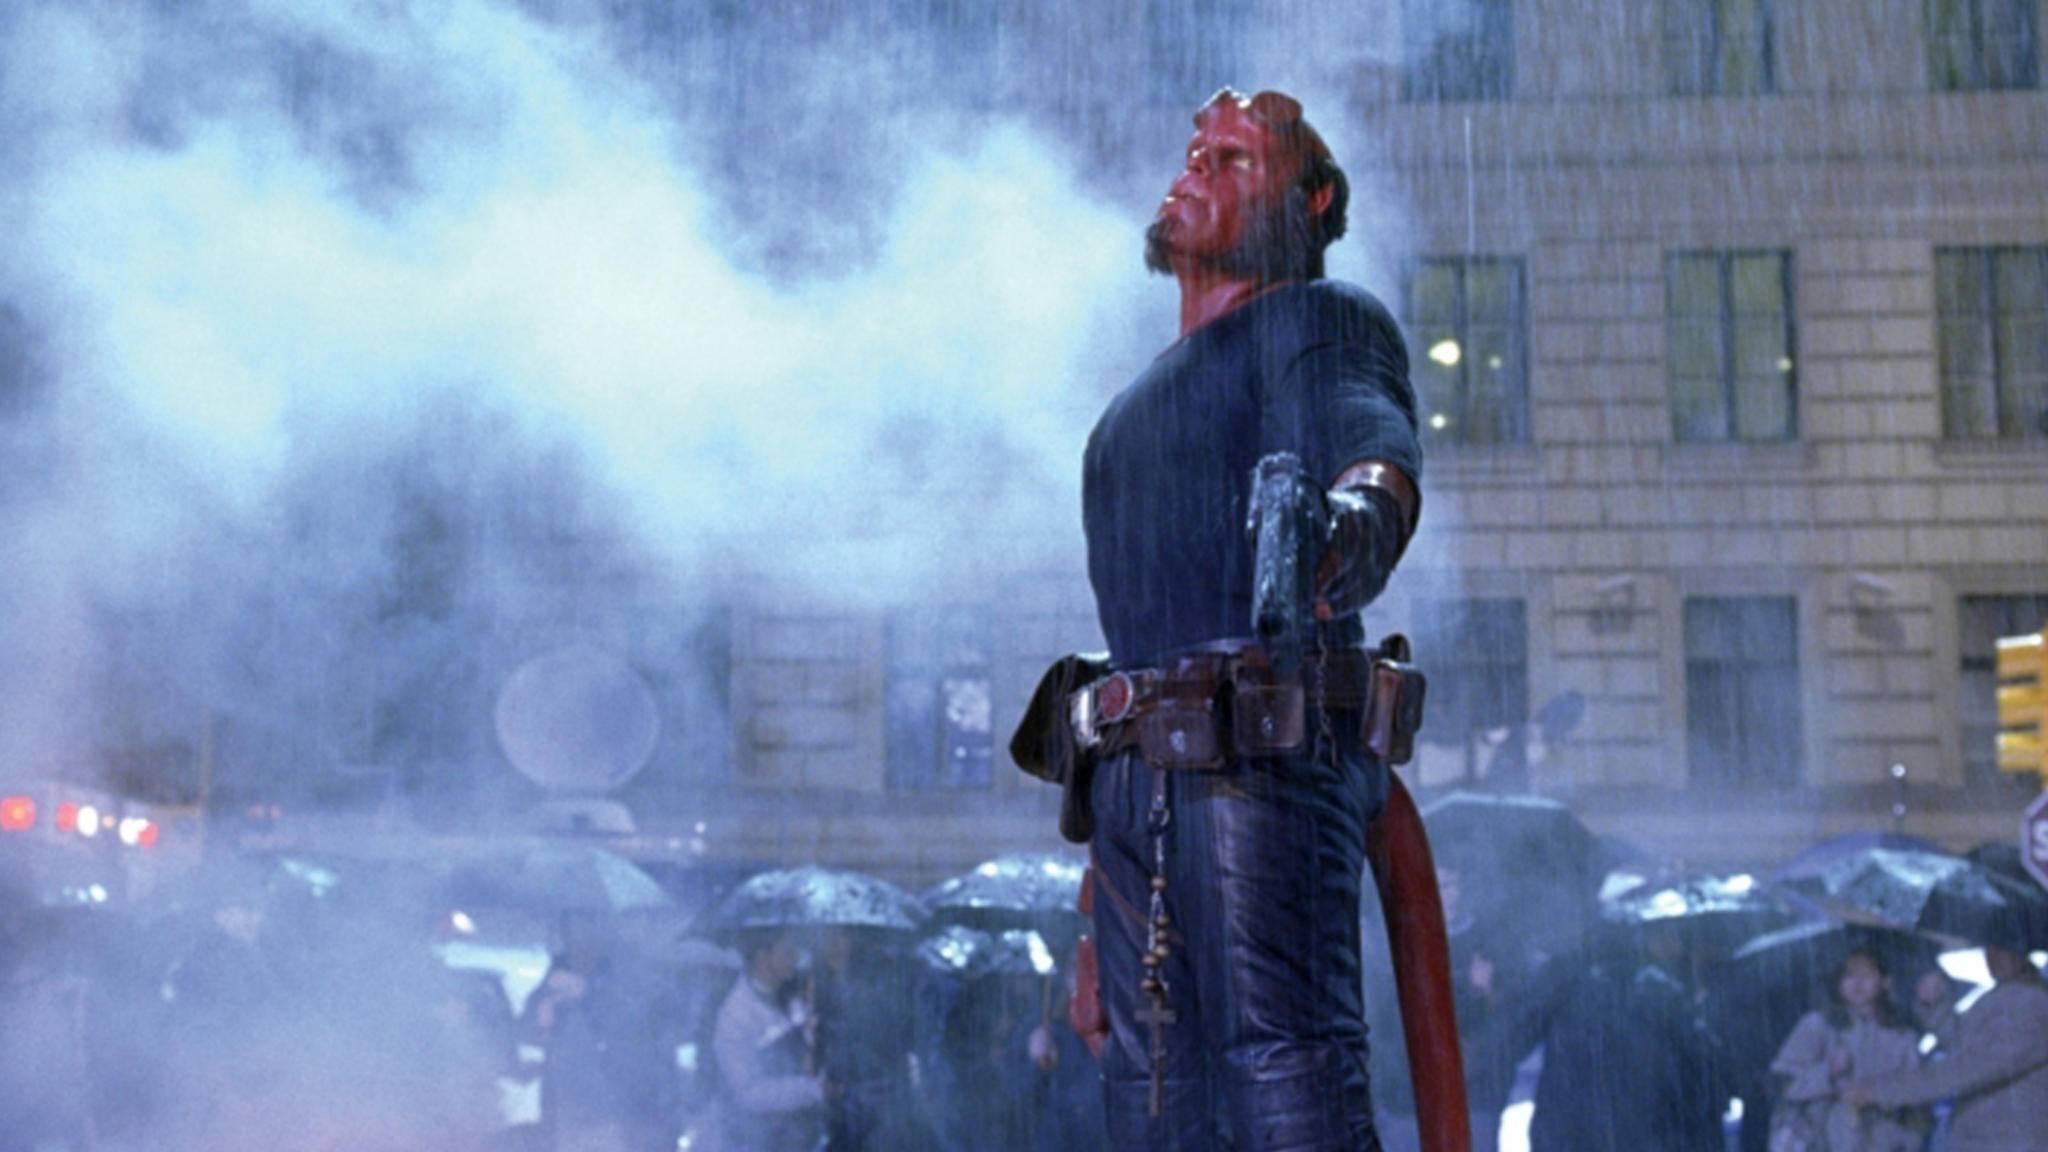 Hellboy kommt etwas später in die Kinos – das ist aber (fast) kein Grund für verregnete Gesichter.